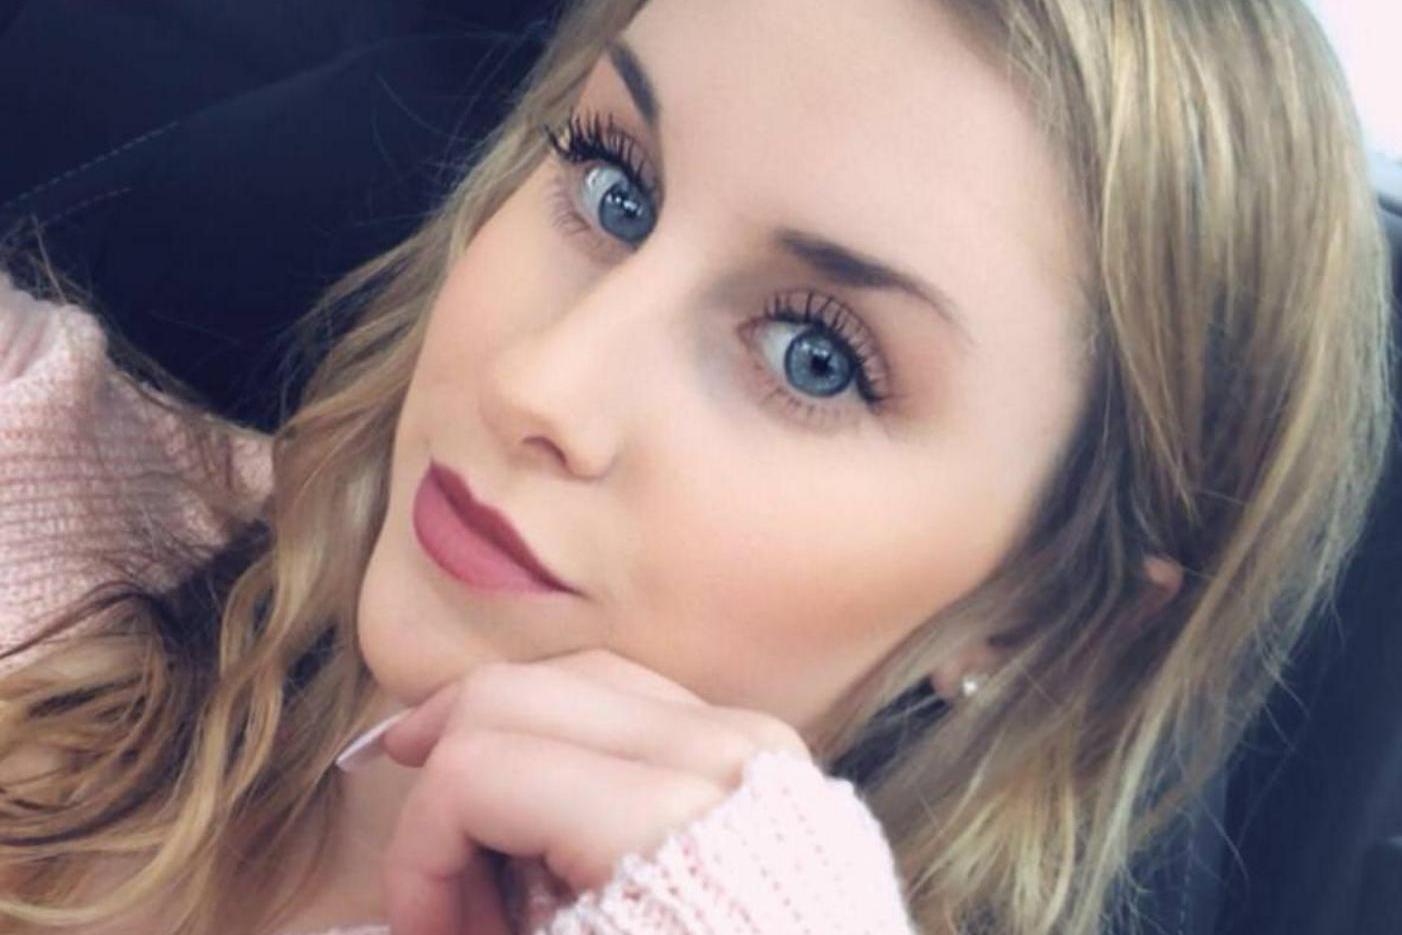 Un estudiante universitario de primer año de 19 años se desploma 10 historias hasta la muerte durante la fiesta de Halloween